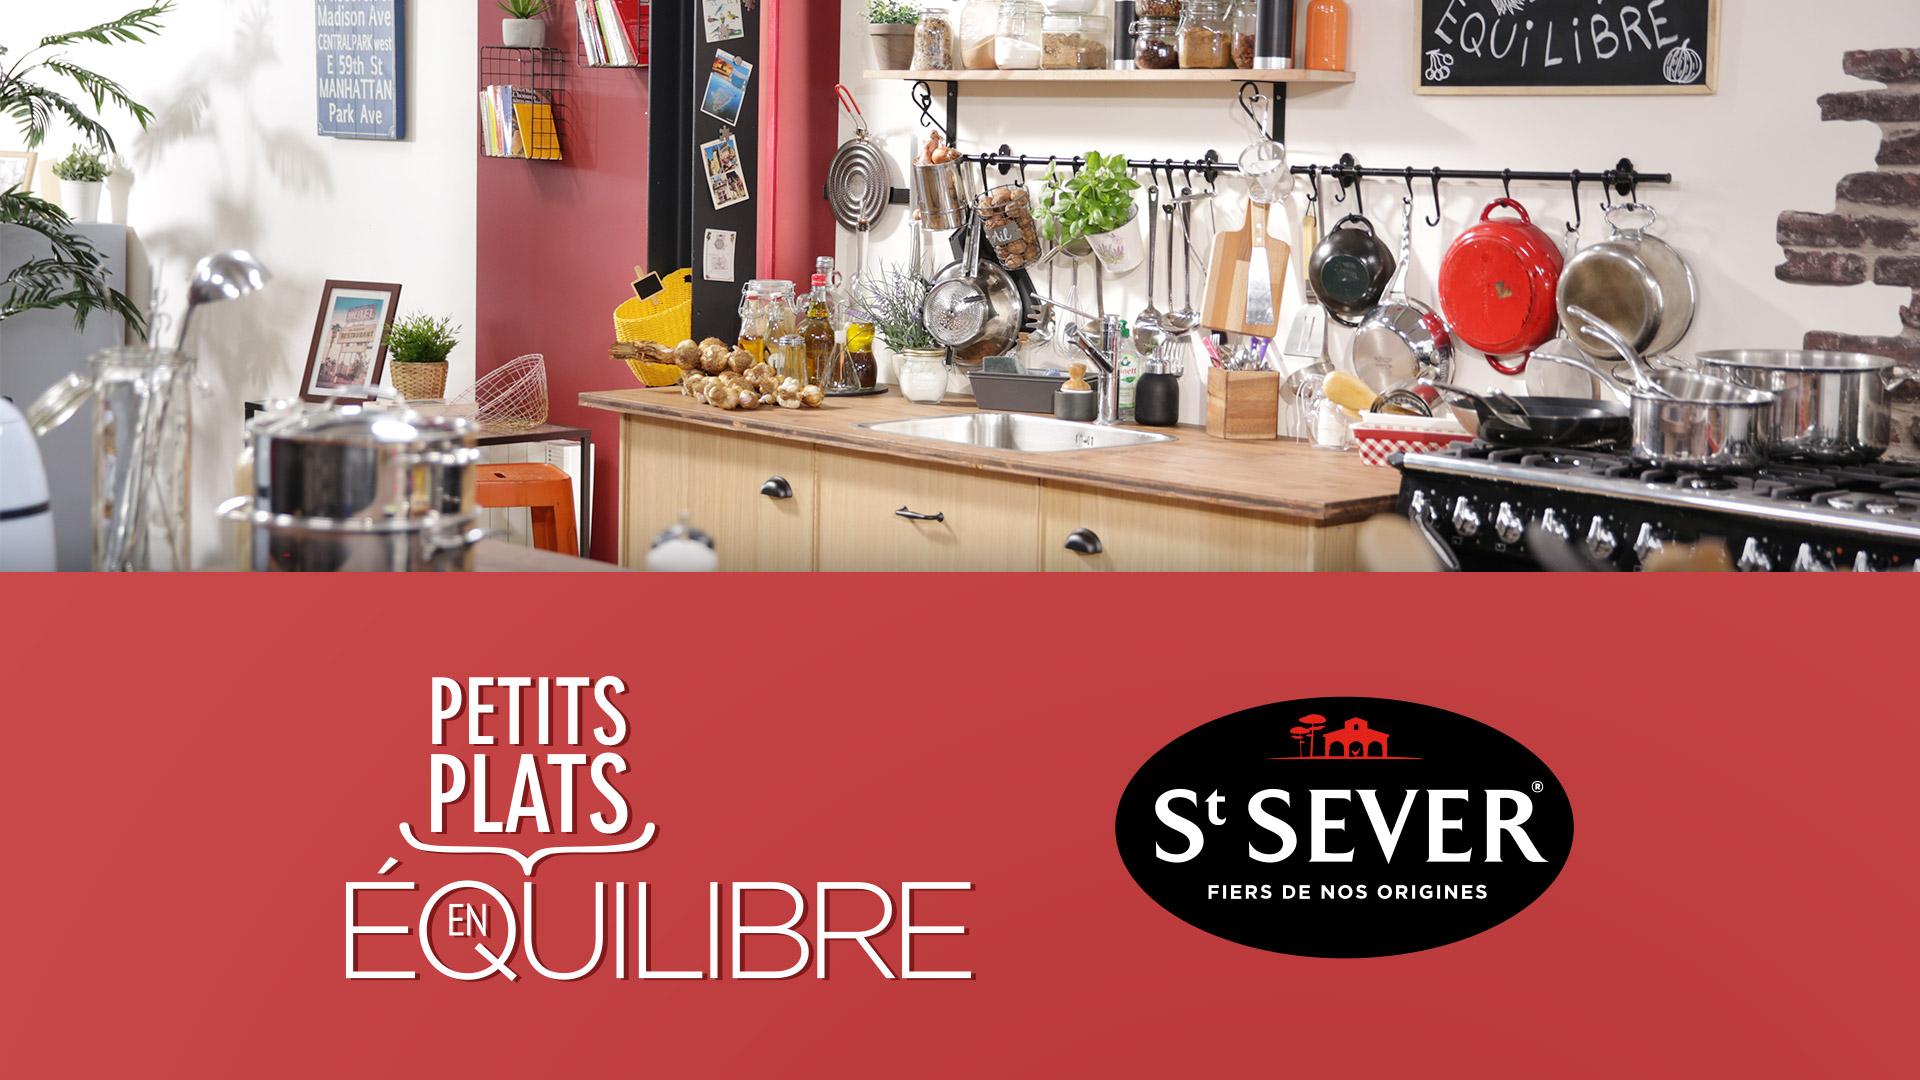 St sever d voile un partenariat in dit avec petits plats en quilibre - Petits plats en equilibre tf1 ...